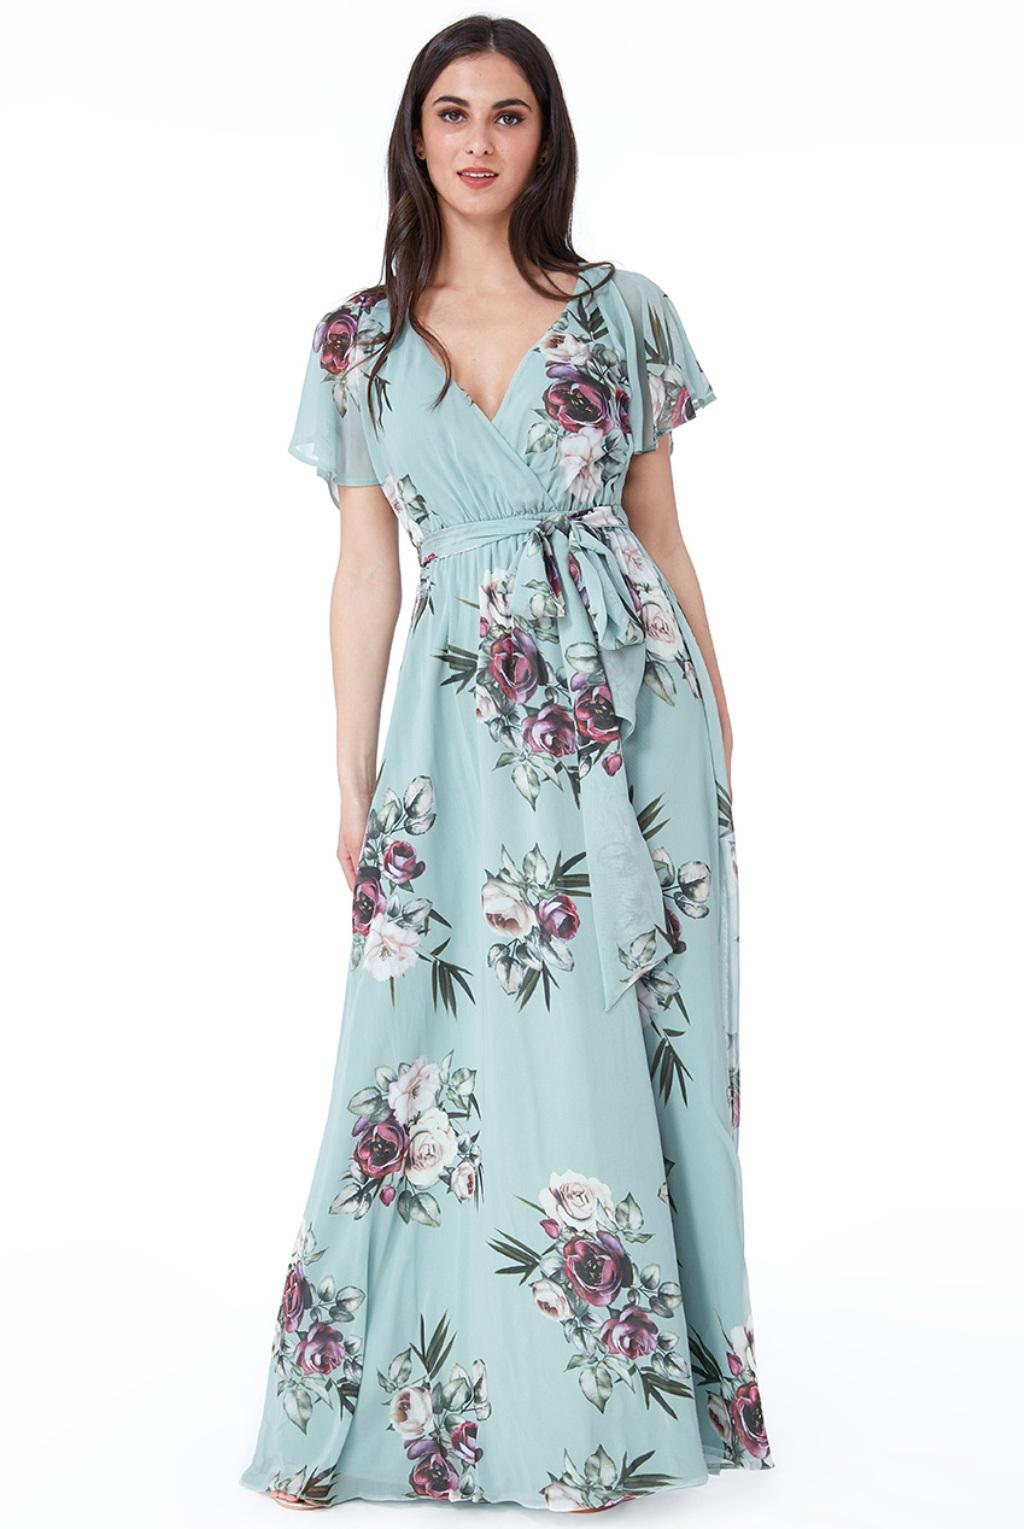 Dlhé šifónové šaty s kvetinami Veľkosť: XL